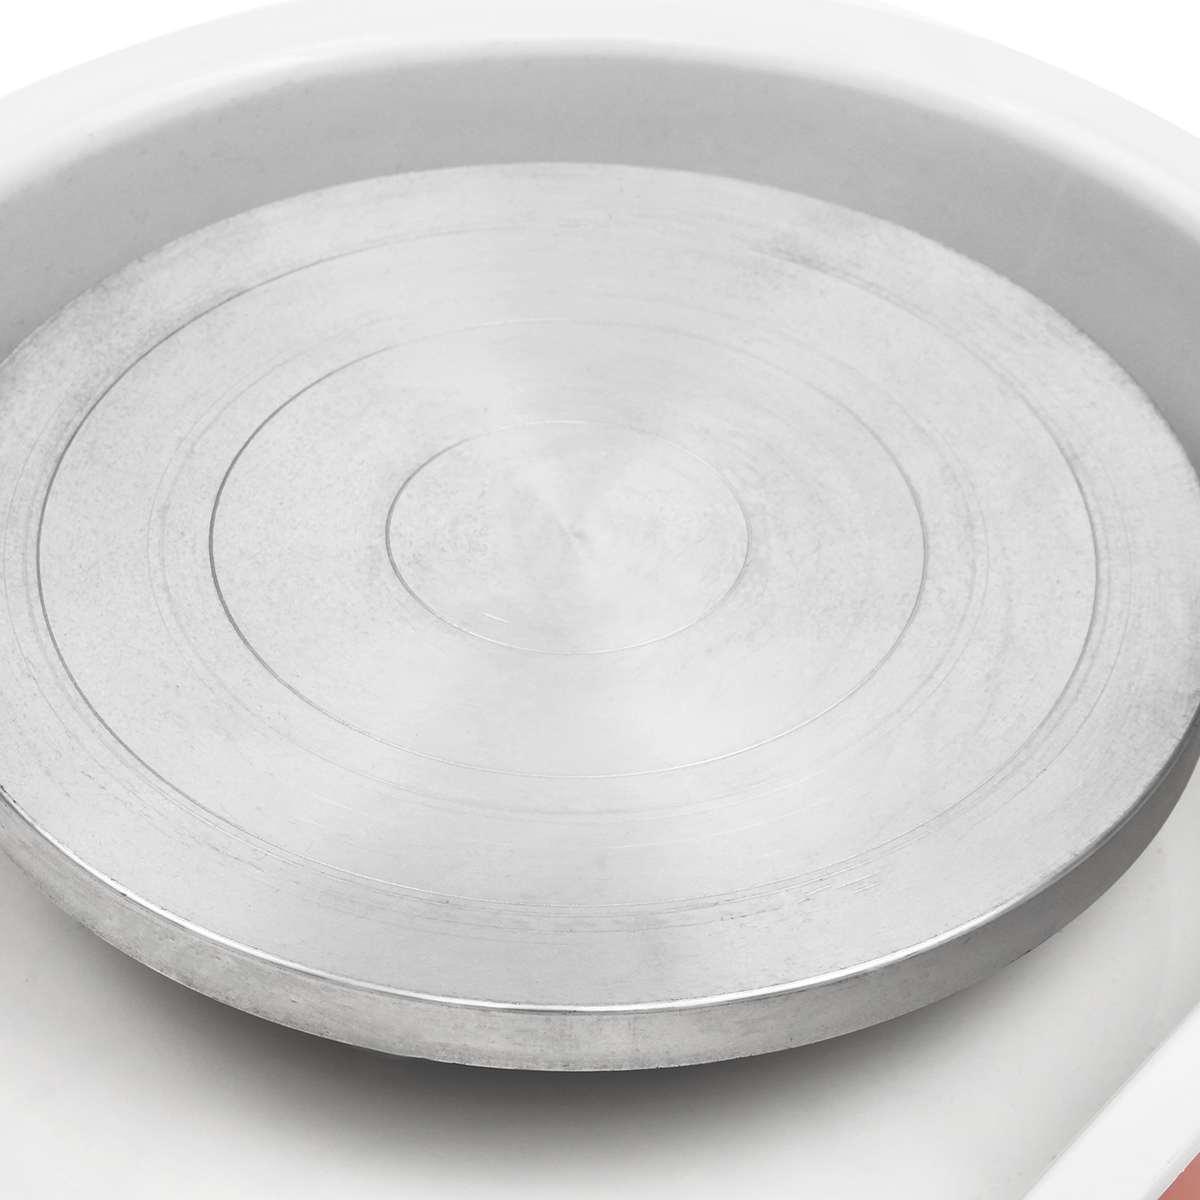 25 cm poterie électrique roue poterie formant la Machine argile pour travaux pratiques sculpture céramique Machine vitesse Variable réversible 220 V 250 W - 3